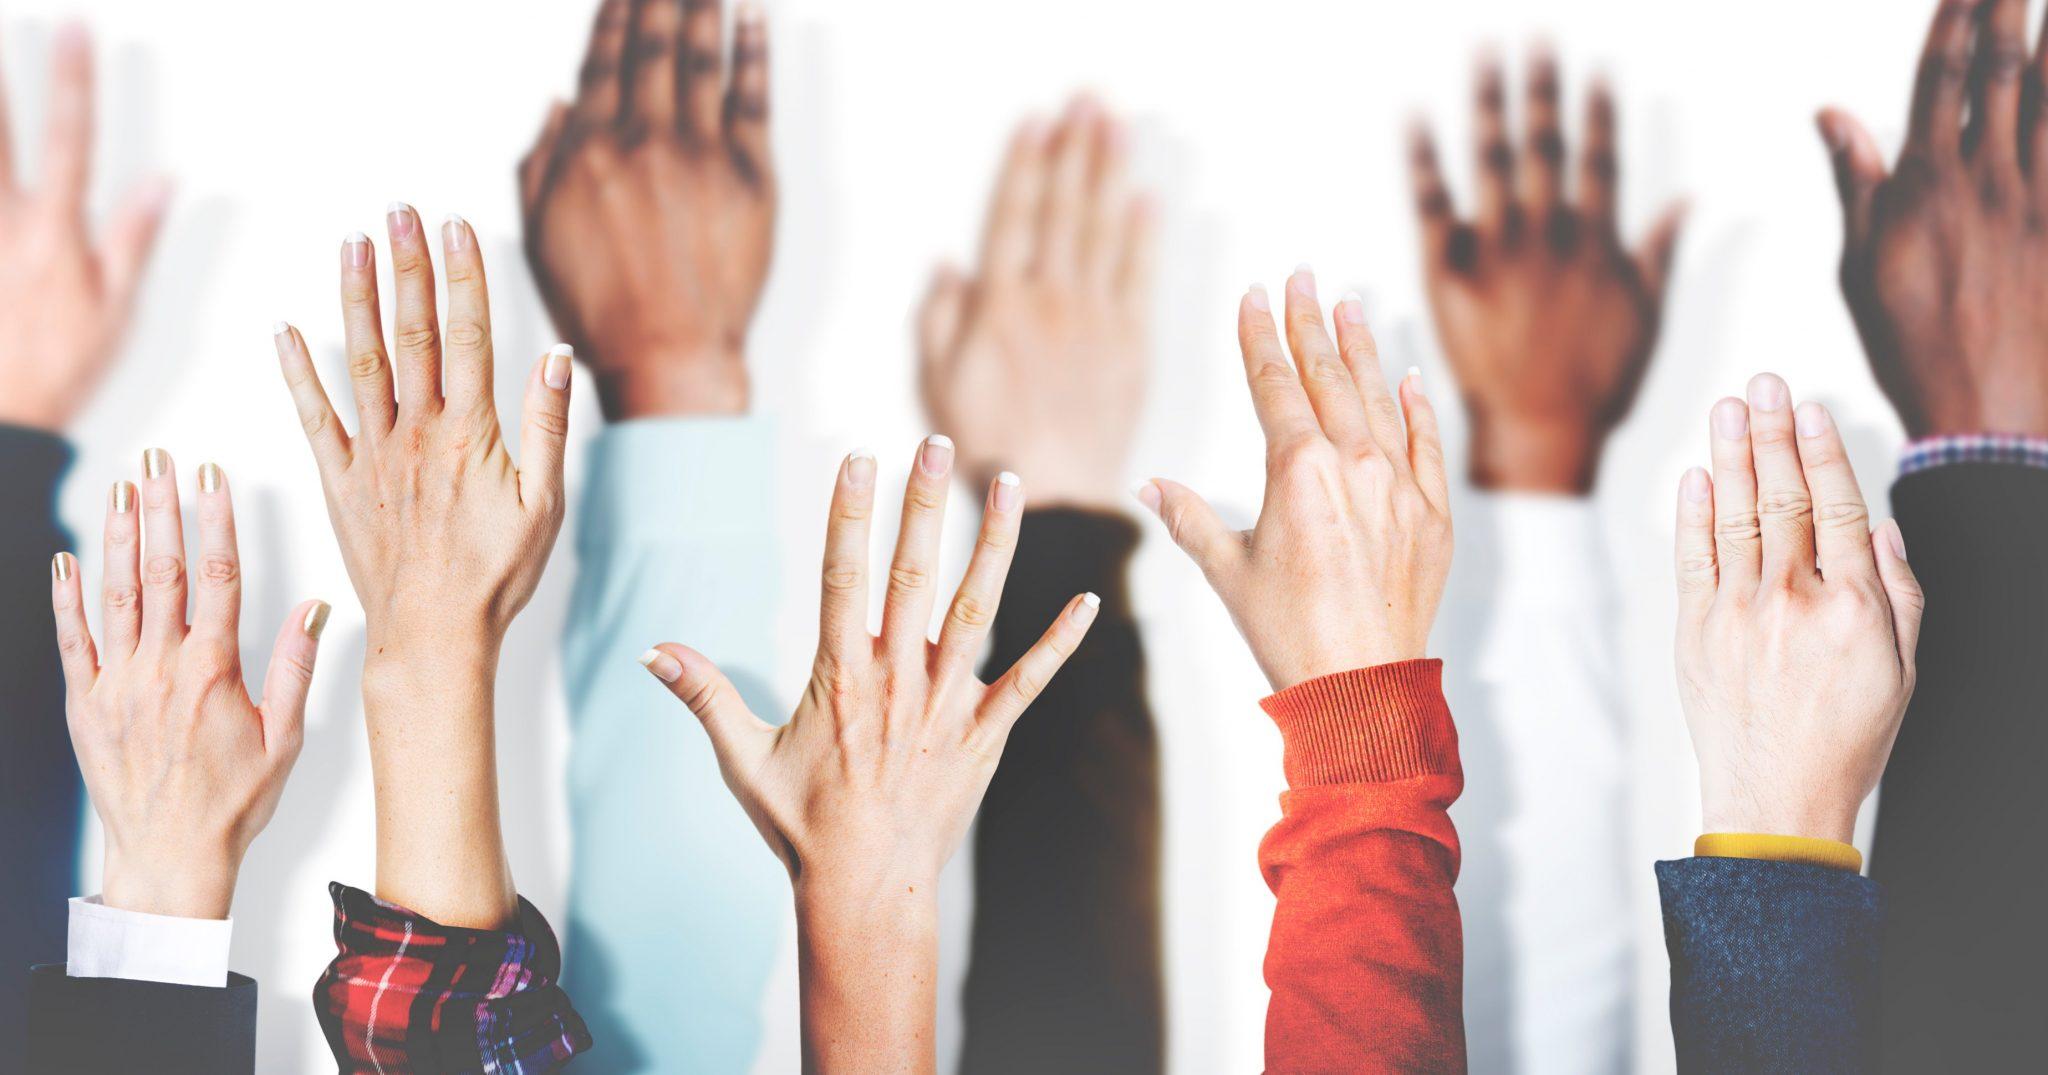 Associazioni terzo settore: sopravvivere alla quarantena, a testa alta